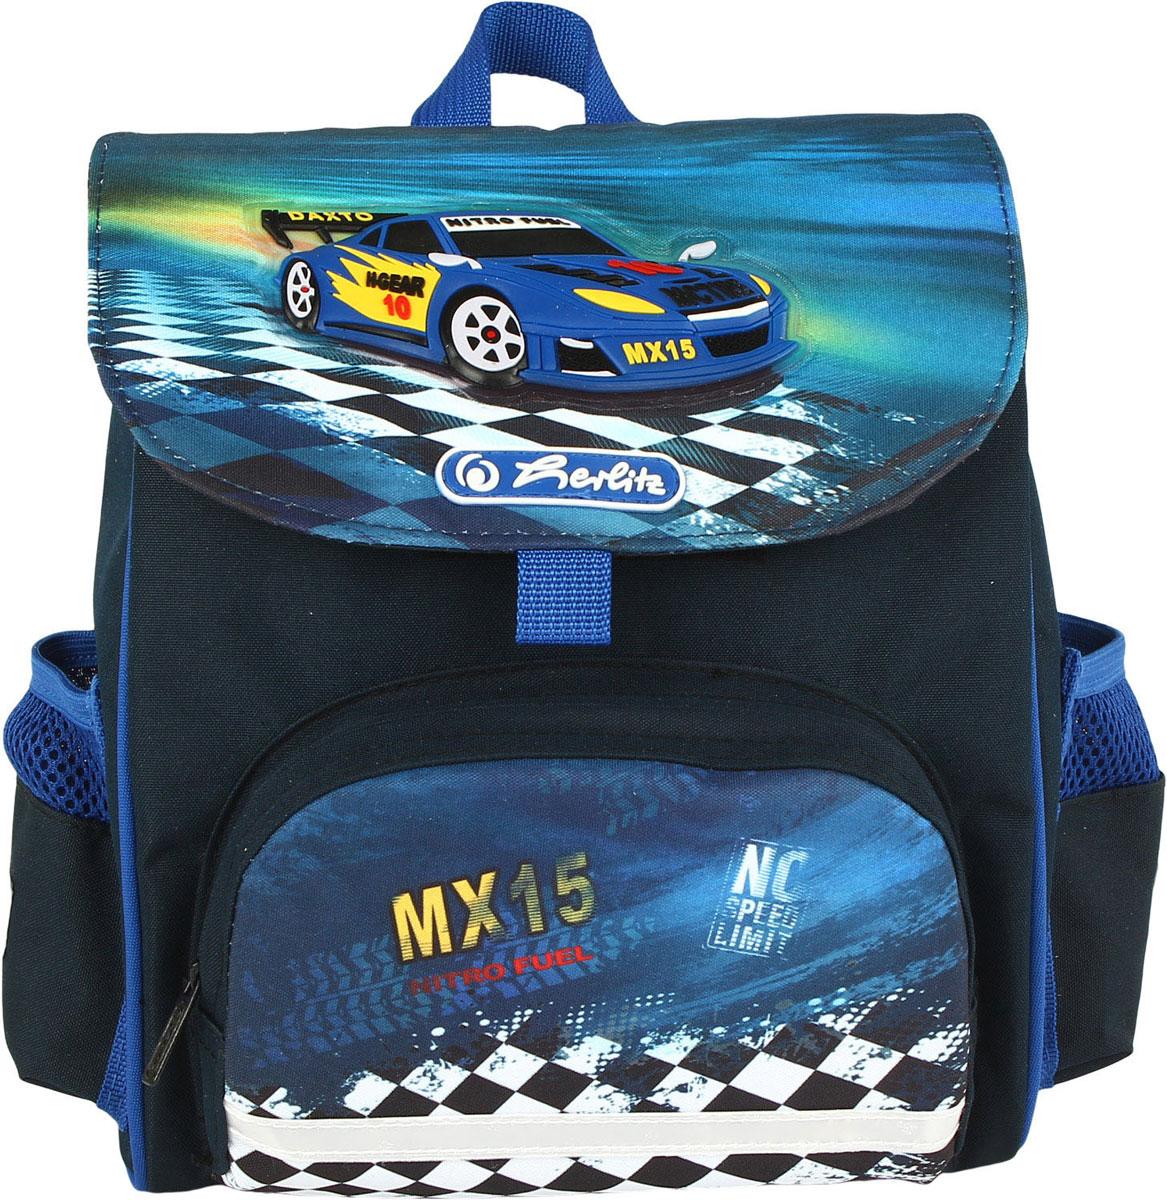 Herlitz Рюкзак дошкольный Softbag Super Race72523WDДошкольный рюкзак Herlitz Softbag Super Race - это идеальная модель, разработанная специально для детей от 6 лет.Рюкзак имеет одно вместительное отделение, закрывающееся клапаном на липучку. На лицевой стороне рюкзака находится накладной карман на застежке-молнии, а по бокам - два открытых накладных кармашка.Спинка, выполненная по специальной технологии из дышащего материала, равномерно распределяет нагрузку на плечи и спину ребенка. В нижней части спинки расположен поясничный упор - небольшой валик, на который при правильном ношении рюкзака будет приходиться основная нагрузка.Изделие оснащено удобной текстильной ручкой для переноски в руке и анатомическими лямками, которые можно регулировать по длине.Рюкзак дополнен светоотражающими элементами.